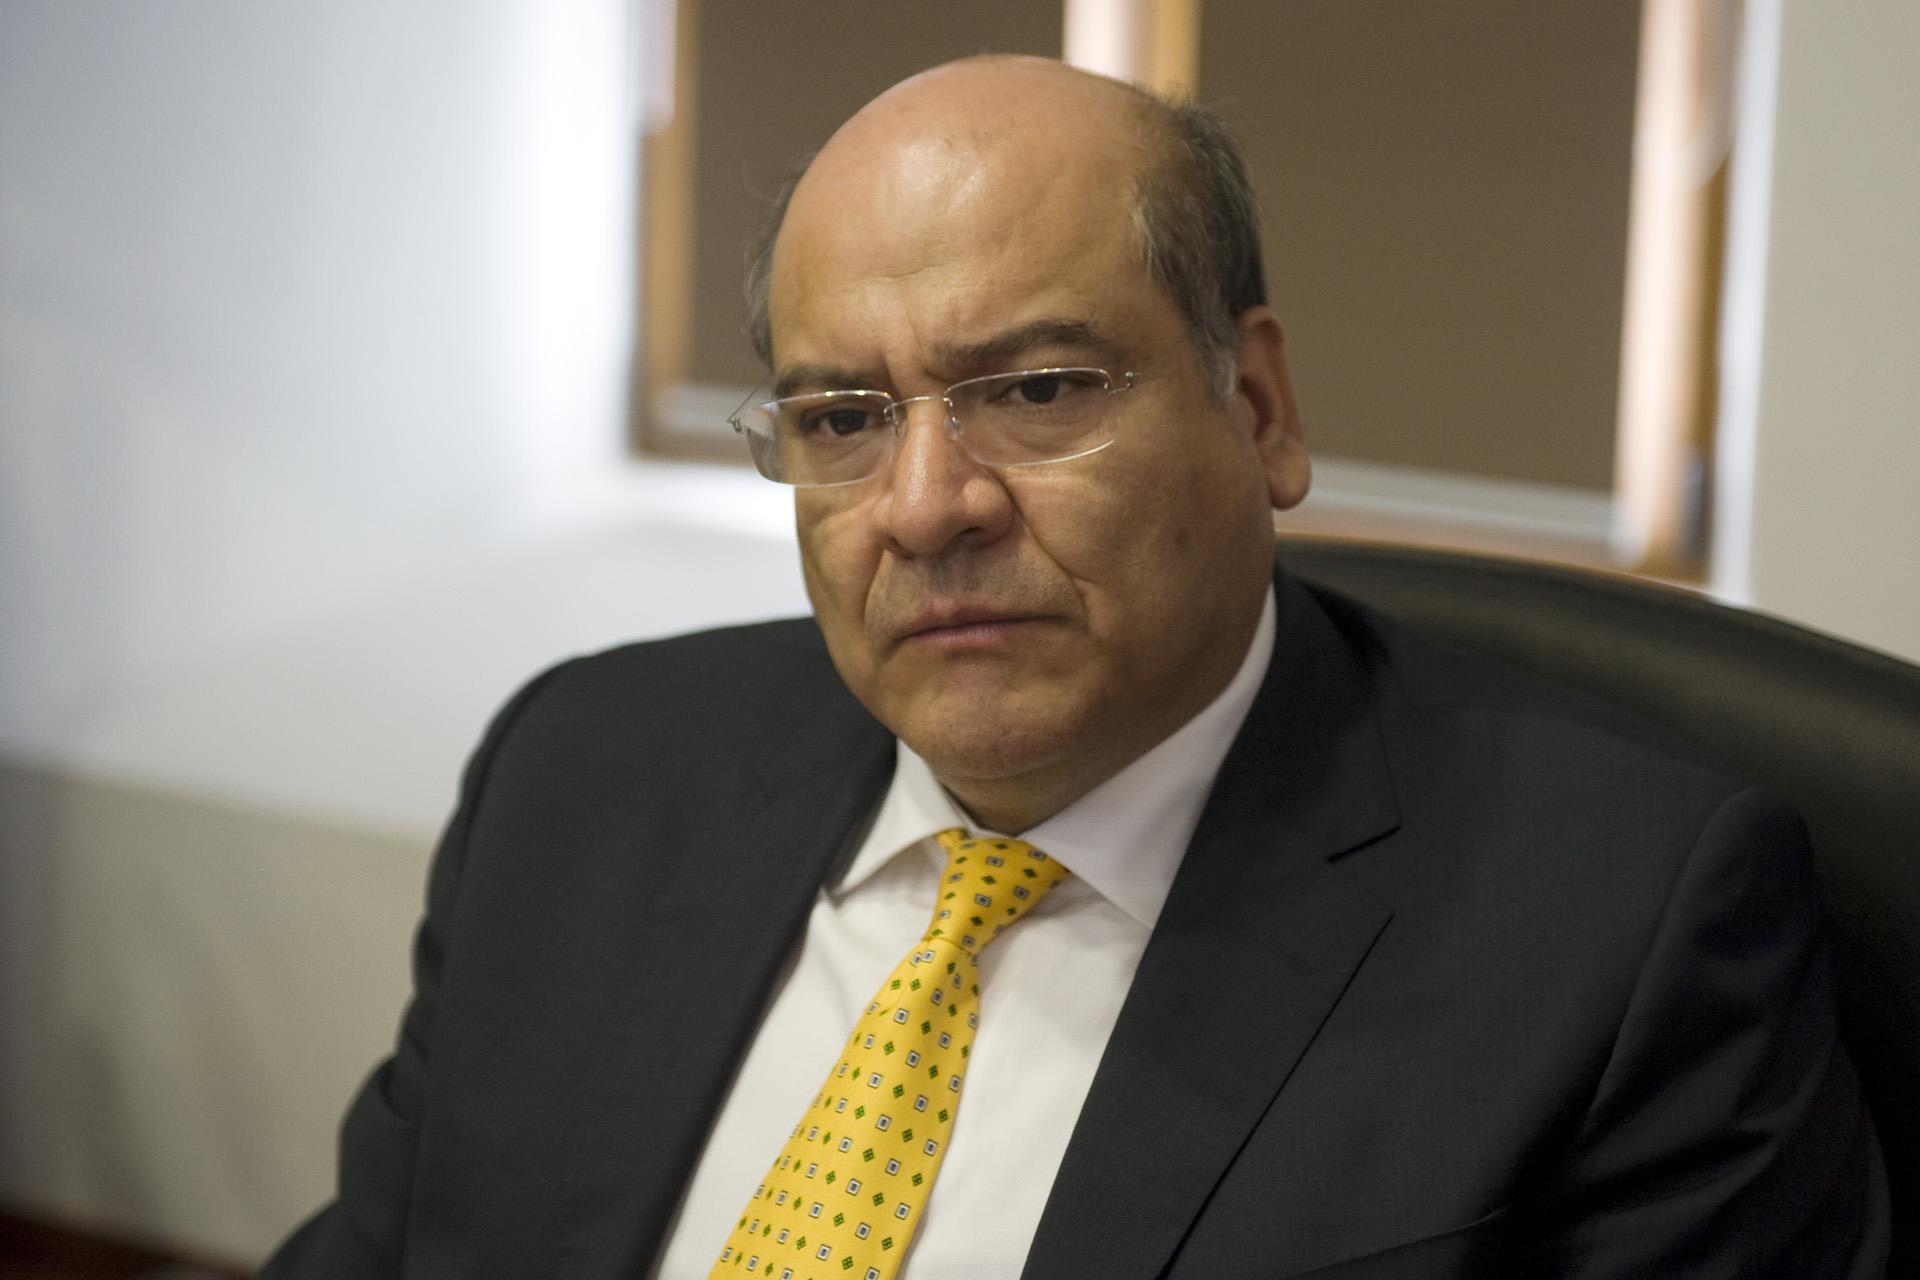 Renuncia Villacaña a la SA; va por Presidencia Municipal, de nuevo | El Imparcial de Oaxaca